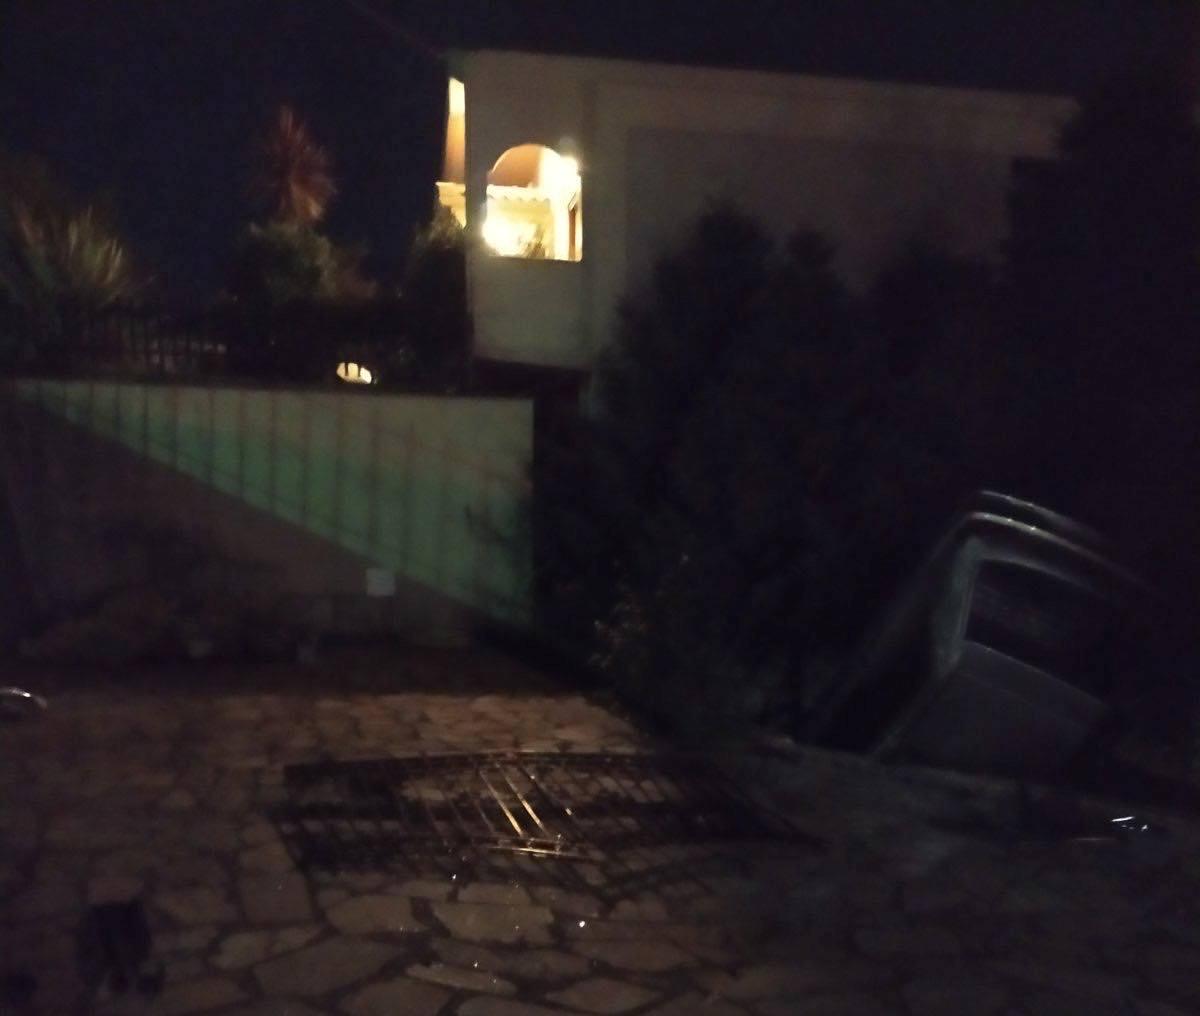 Αβόρανη: όχημα εκτράπηκε και τούμπαρε σε αυλή